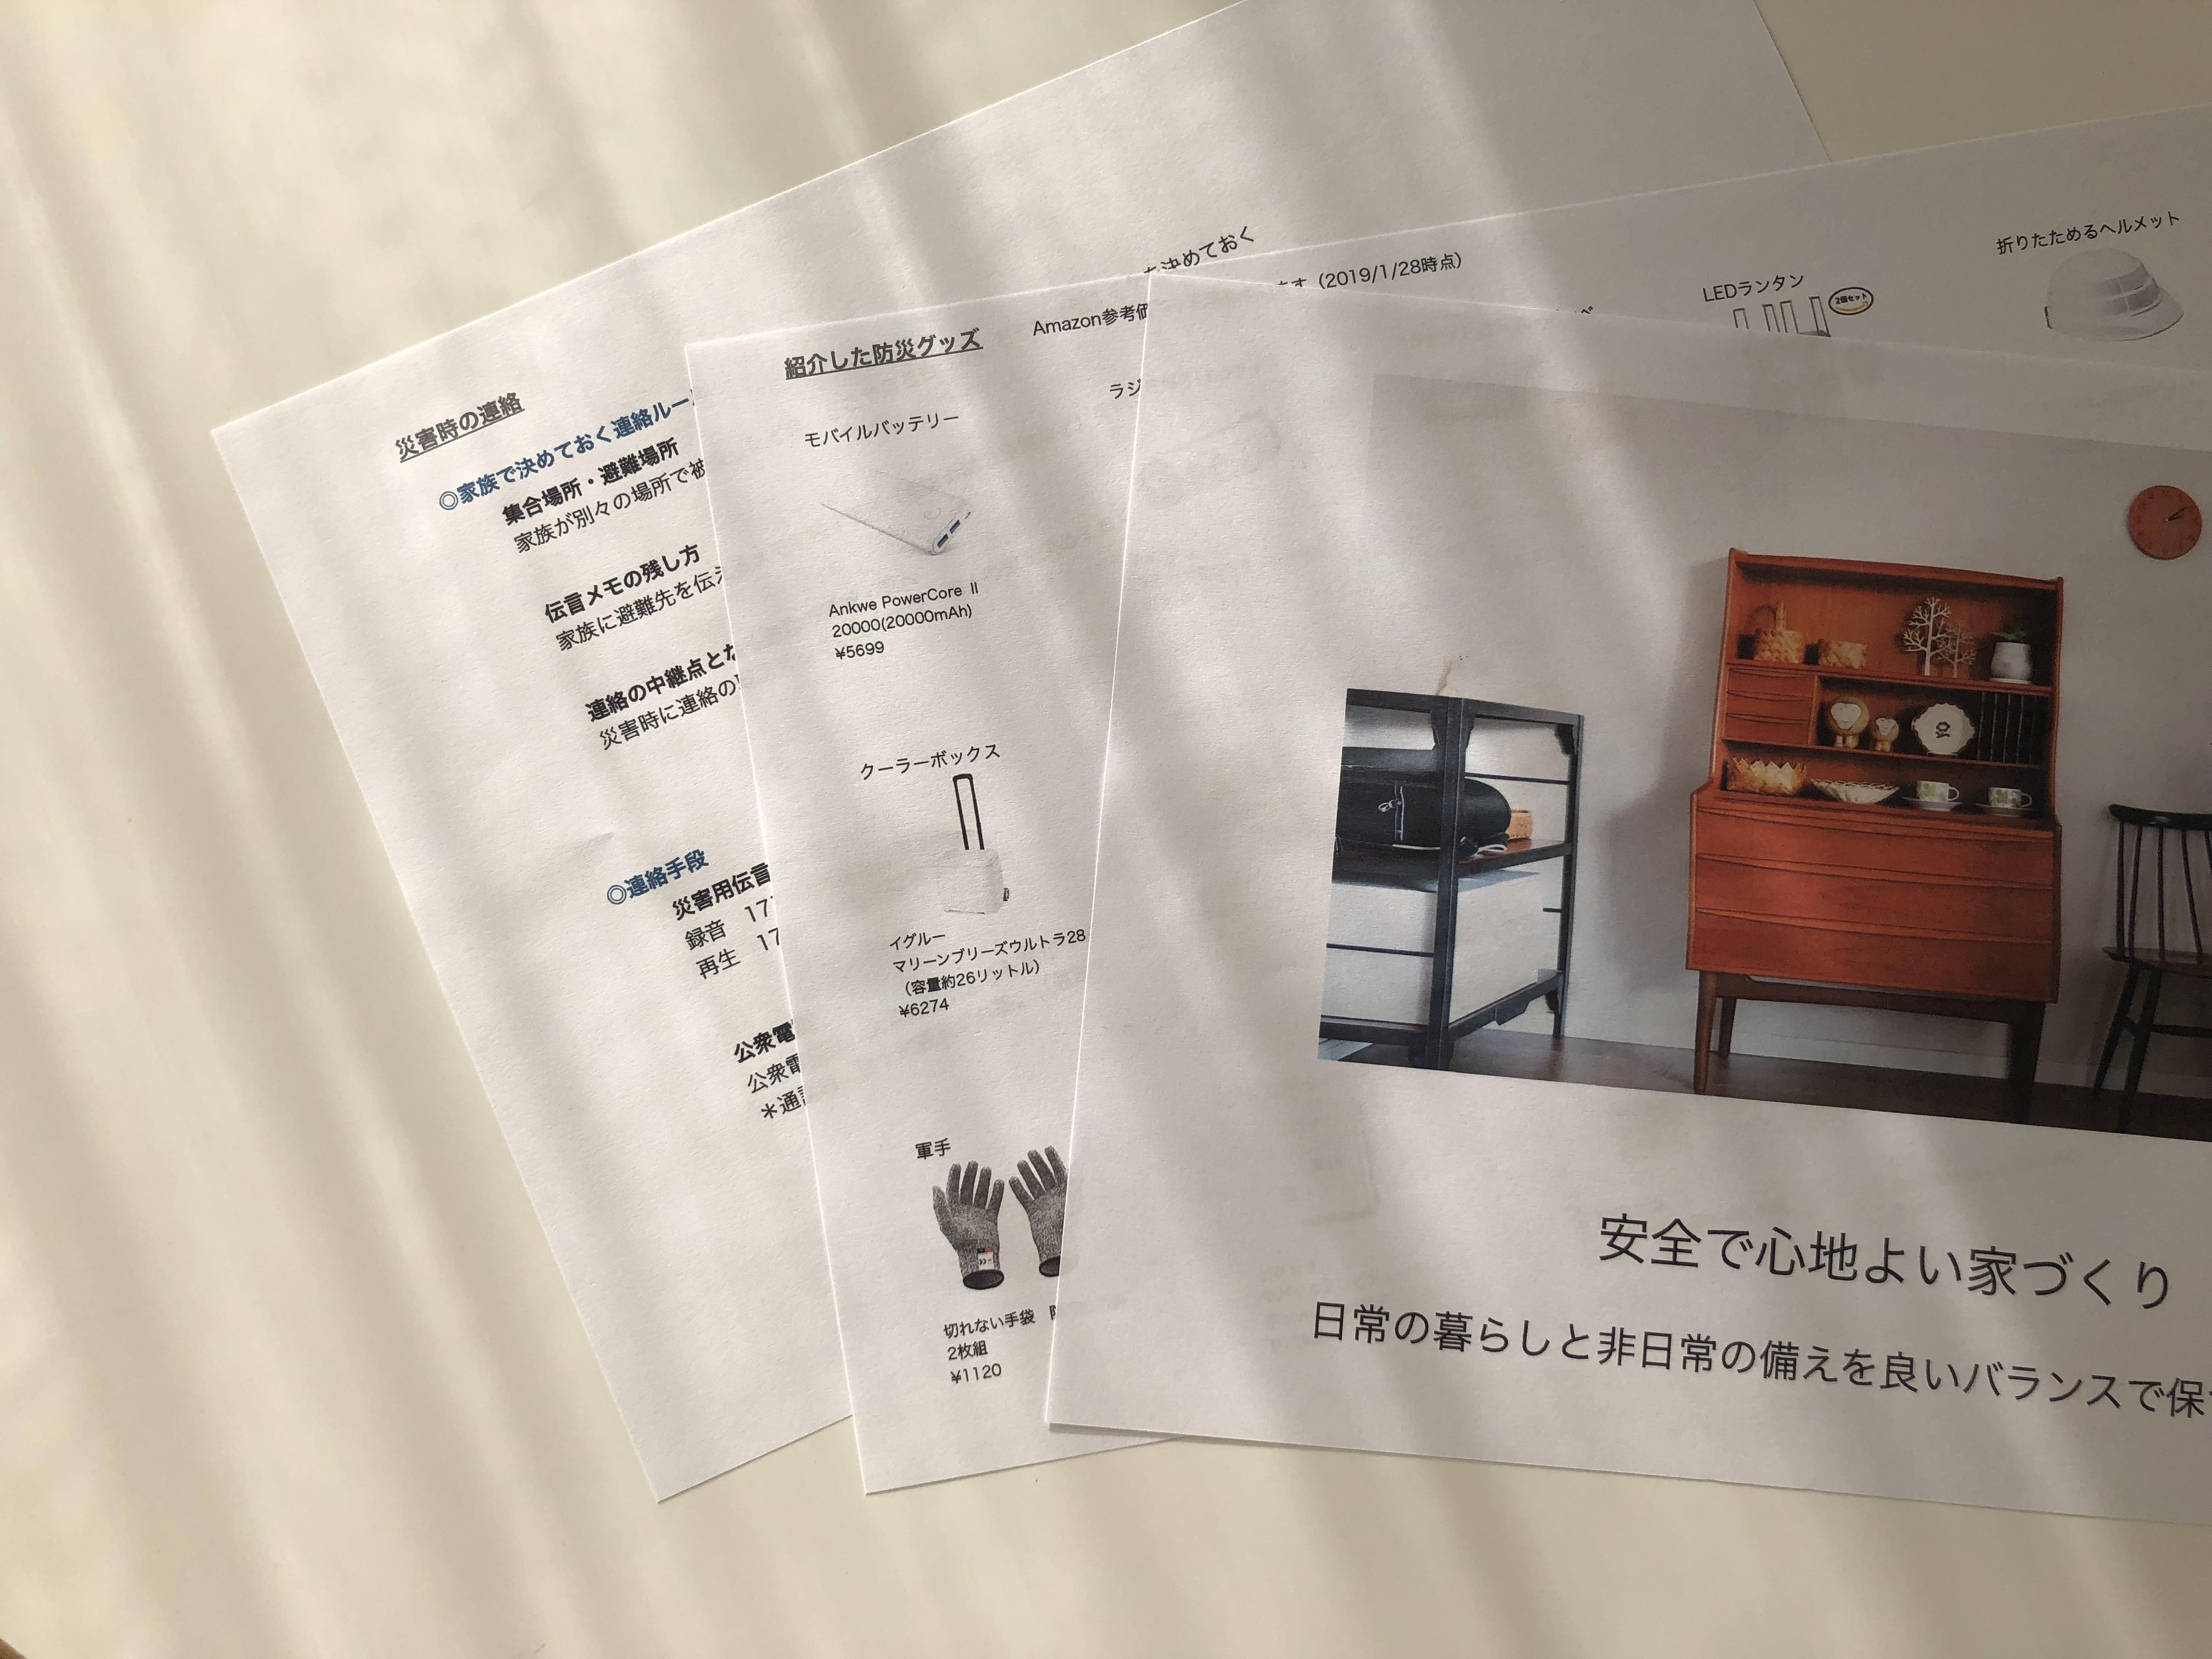 <防災講座@京都>母親目線の防災と安全で心地よい家づくり